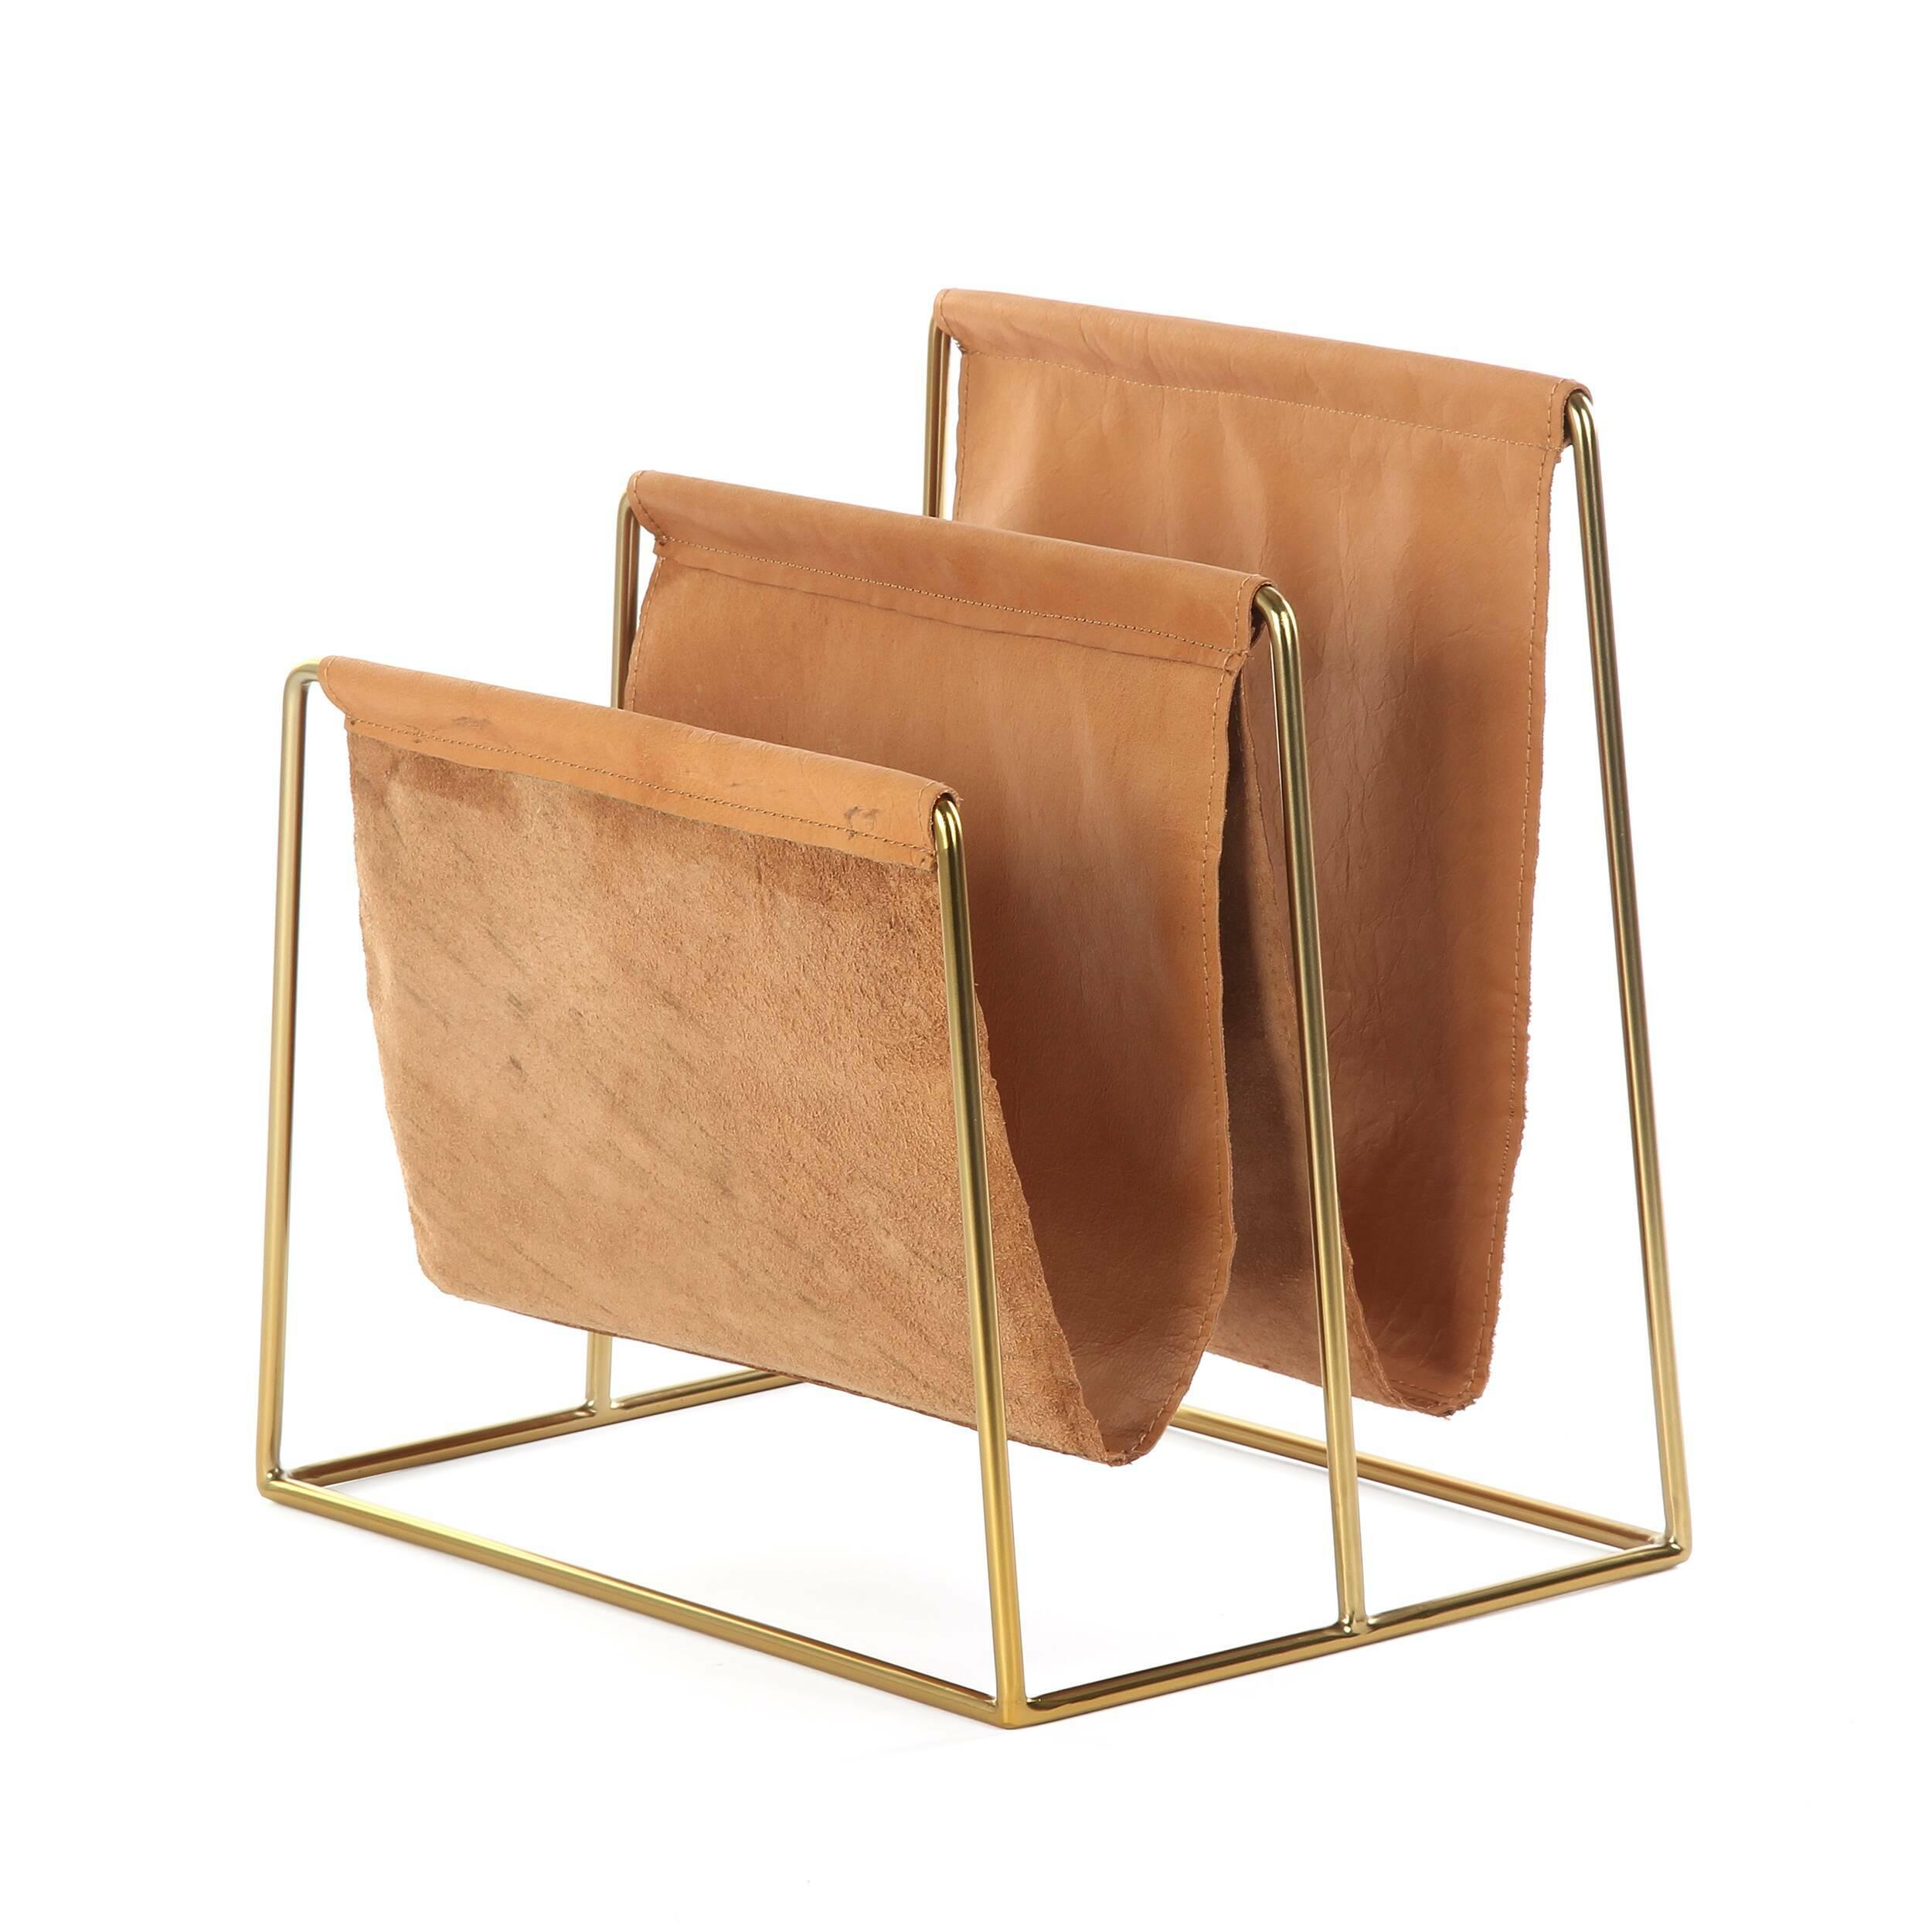 Газетница Blizz купить в интернет-магазине дизайнерской мебели ... 6651d39e192f9